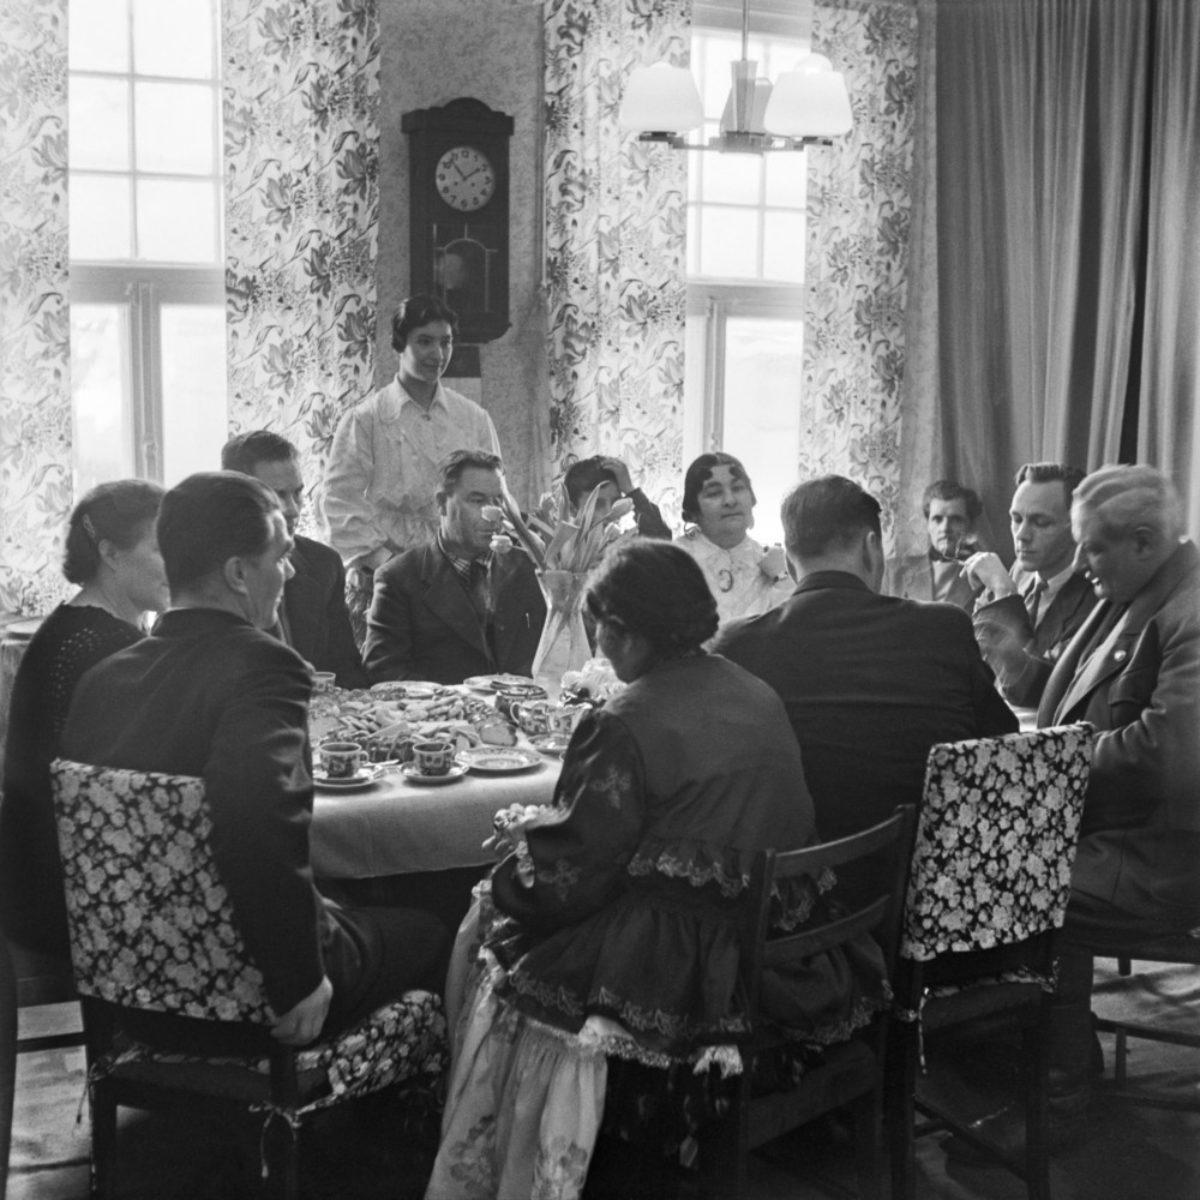 Kalle och Elli Hagerts släkt i Vallgård. Helsingfors, 1955. Foto: UA Saarinen / Journalistiska bildarkivet JOKA / Museiverket